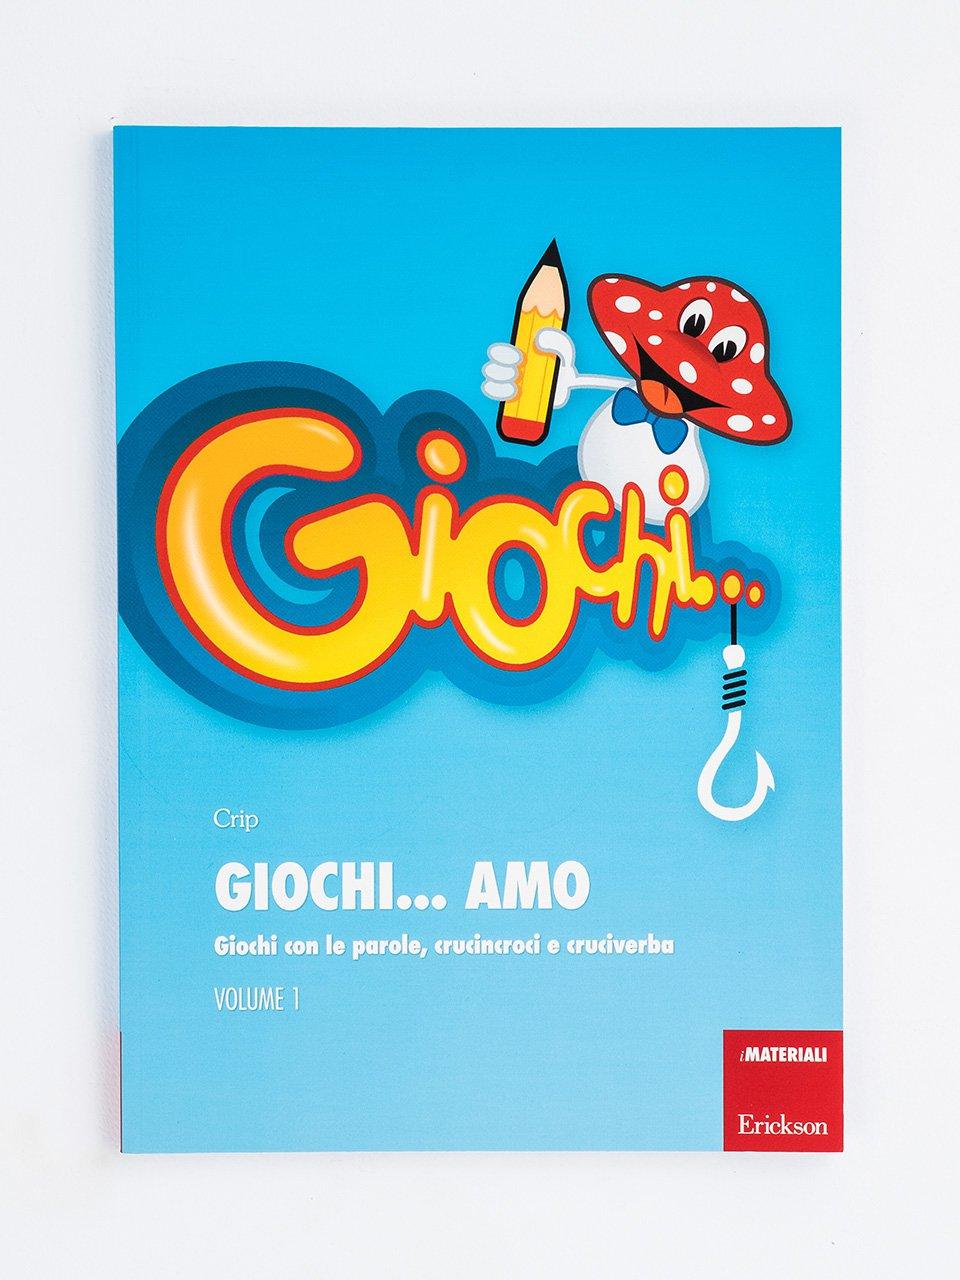 Giochi... amo - Volume 1 - Giochi... amo CD-ROM 1 - App e software - Erickson